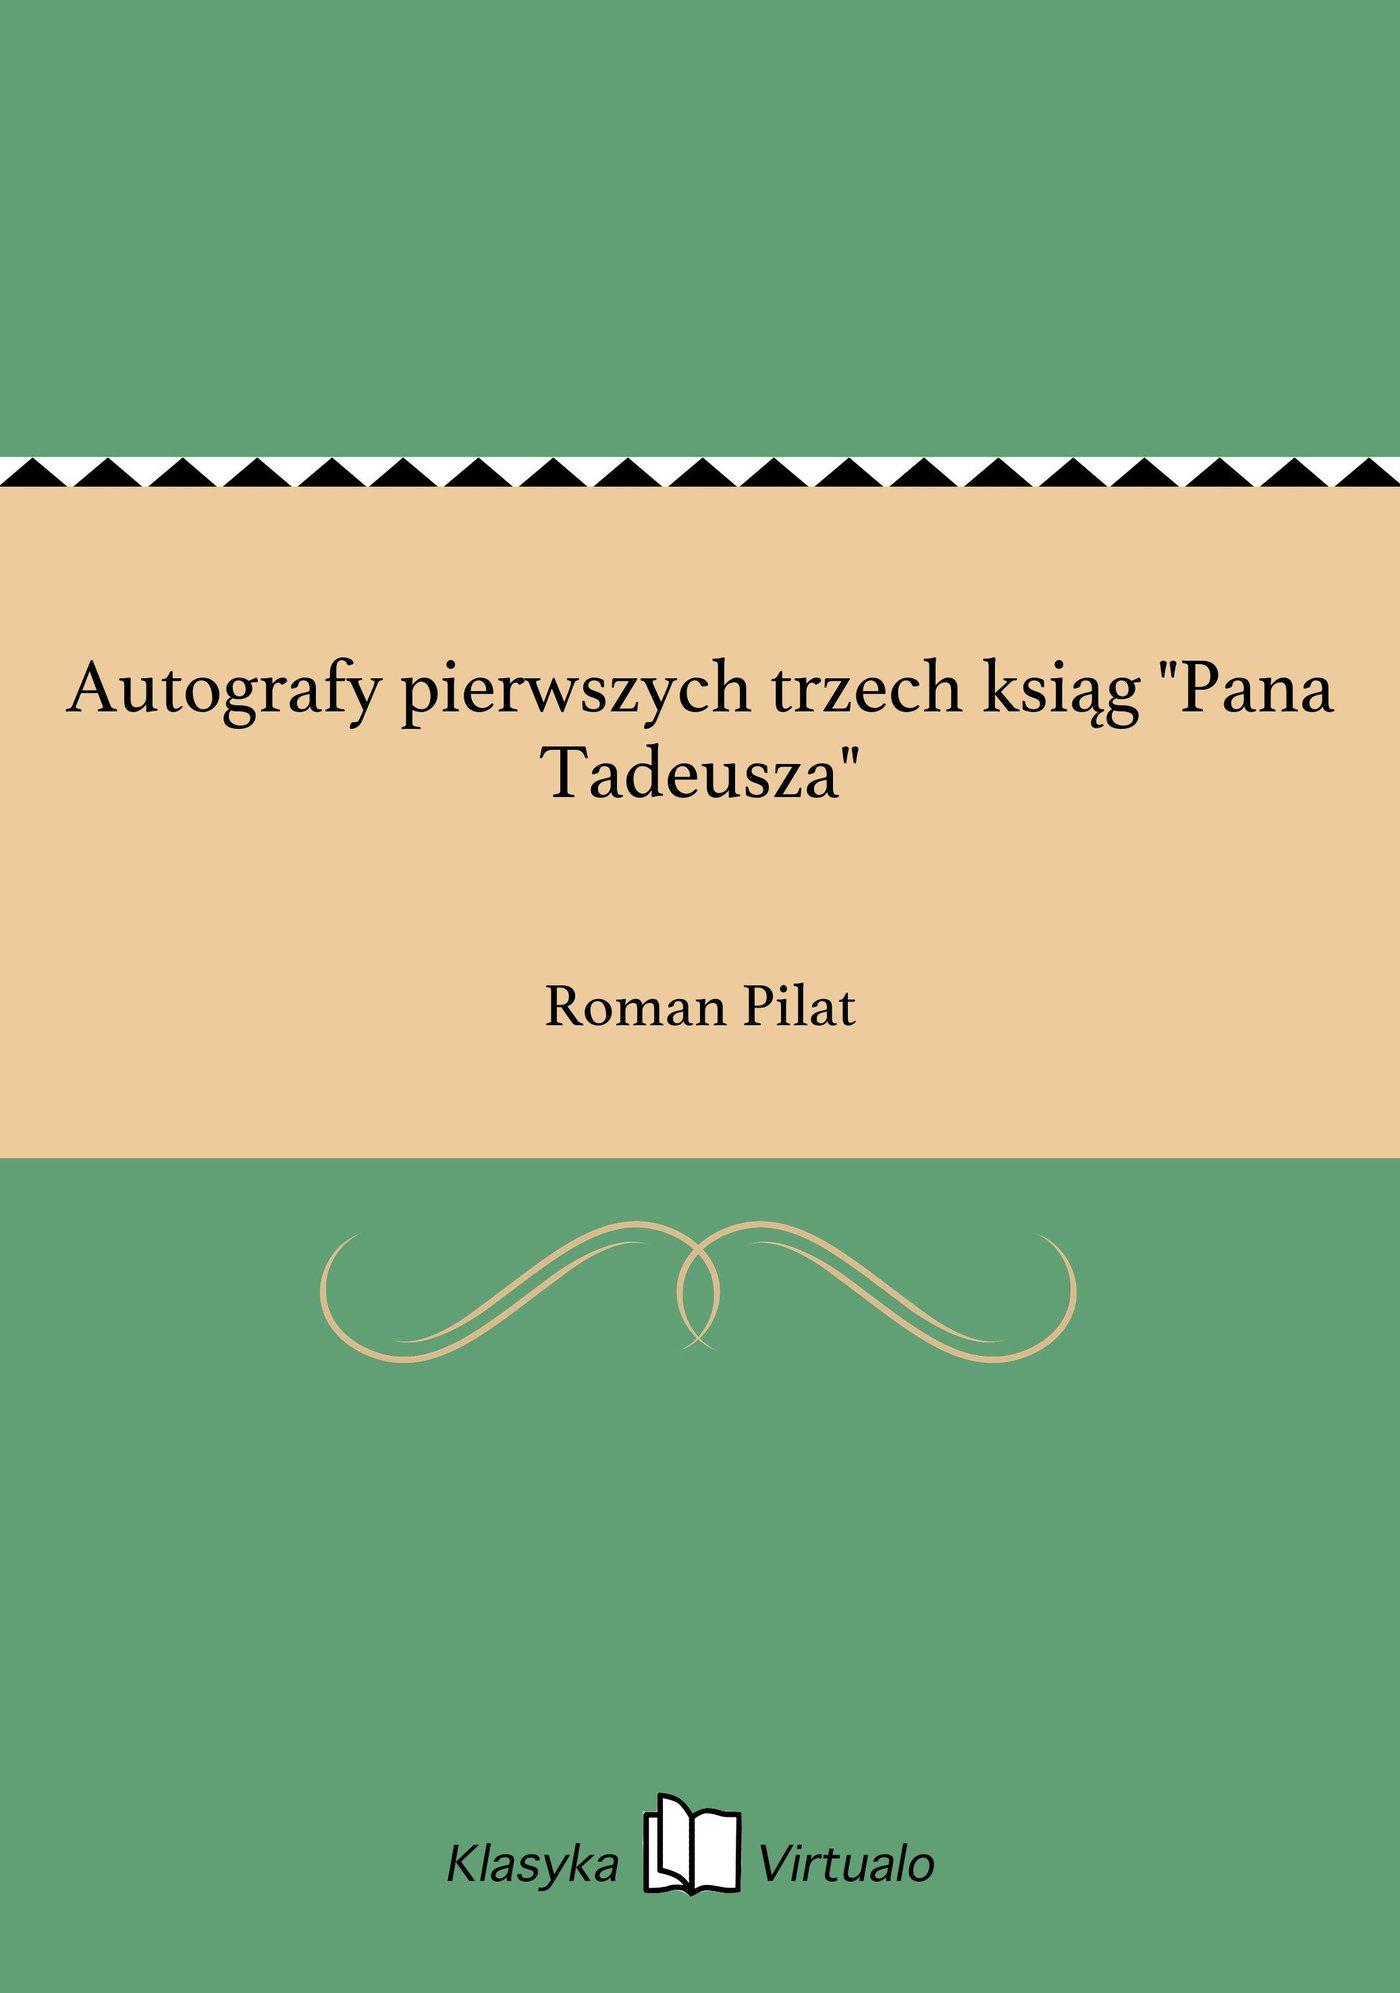 """Autografy pierwszych trzech ksiąg """"Pana Tadeusza"""" - Ebook (Książka EPUB) do pobrania w formacie EPUB"""